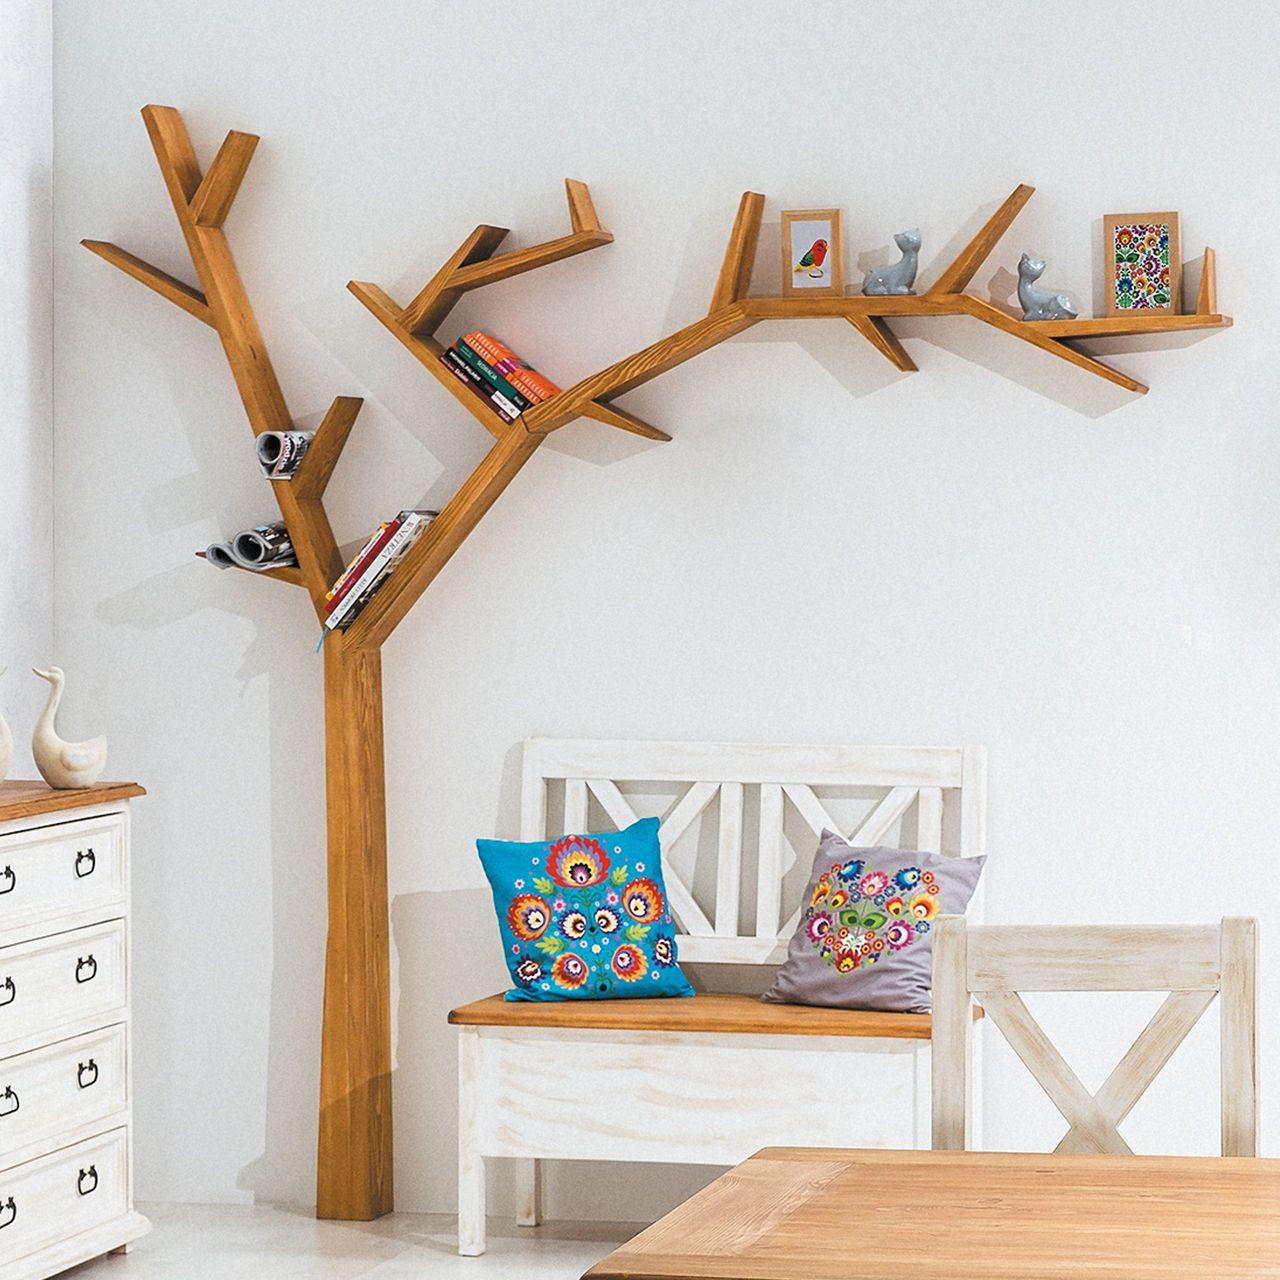 Full Size of Regal Kinderzimmer Imposanter Baum Als Auergewhnliches Design Zimmer Stecksystem Weiß Hochglanz Schlafzimmer Schreibtisch Massivholz Tiefe 30 Cm Usm Auf Wohnzimmer Regal Kinderzimmer